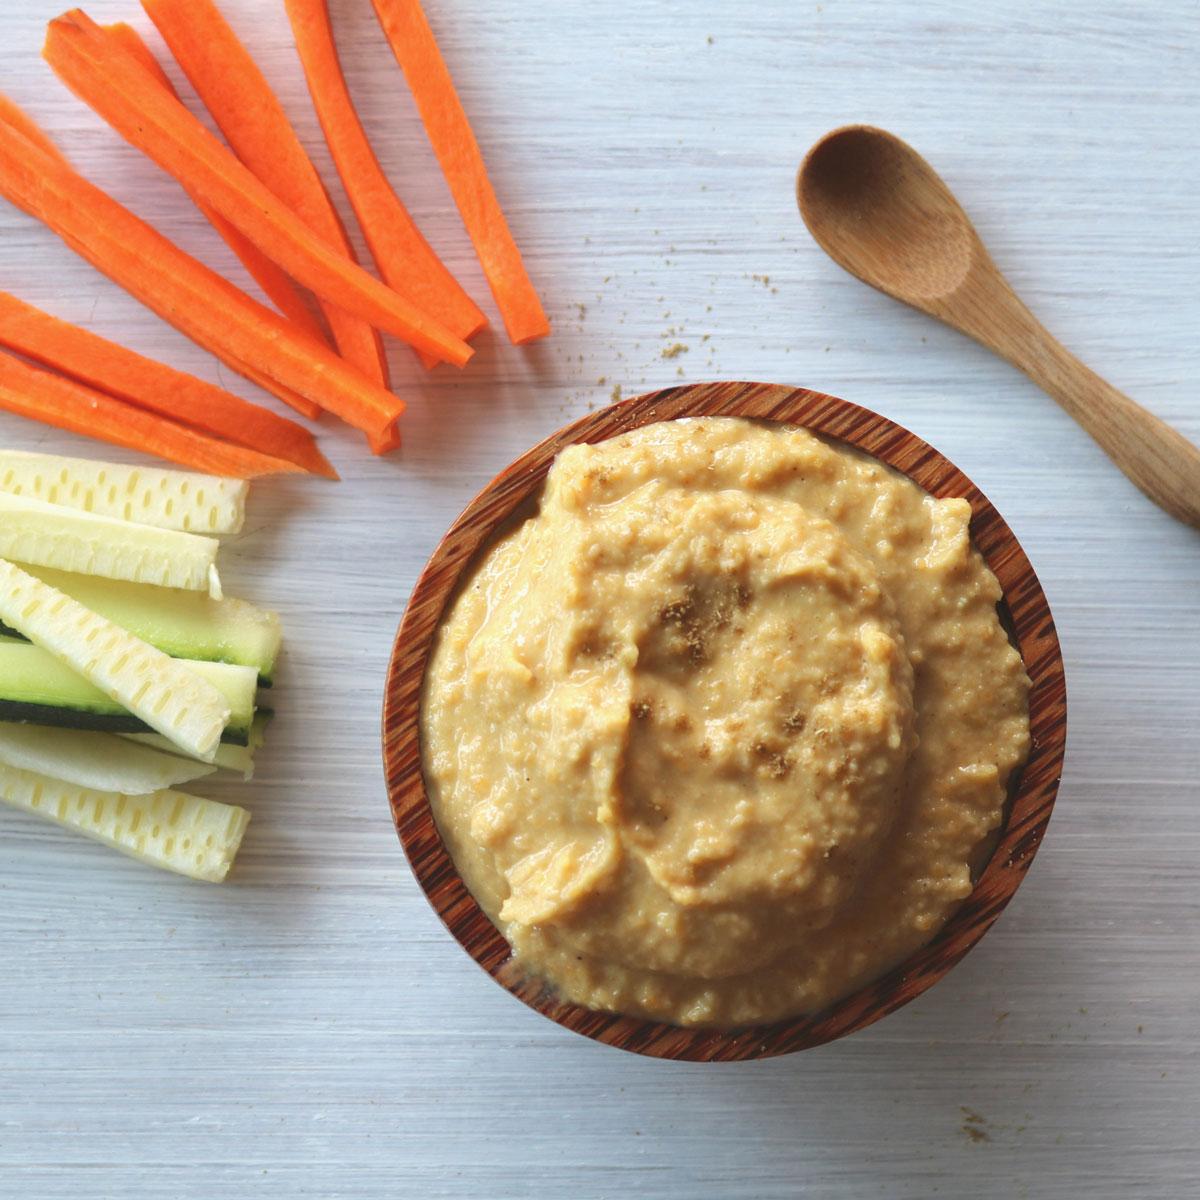 Hummus de lentejas rojas y calabaza asada